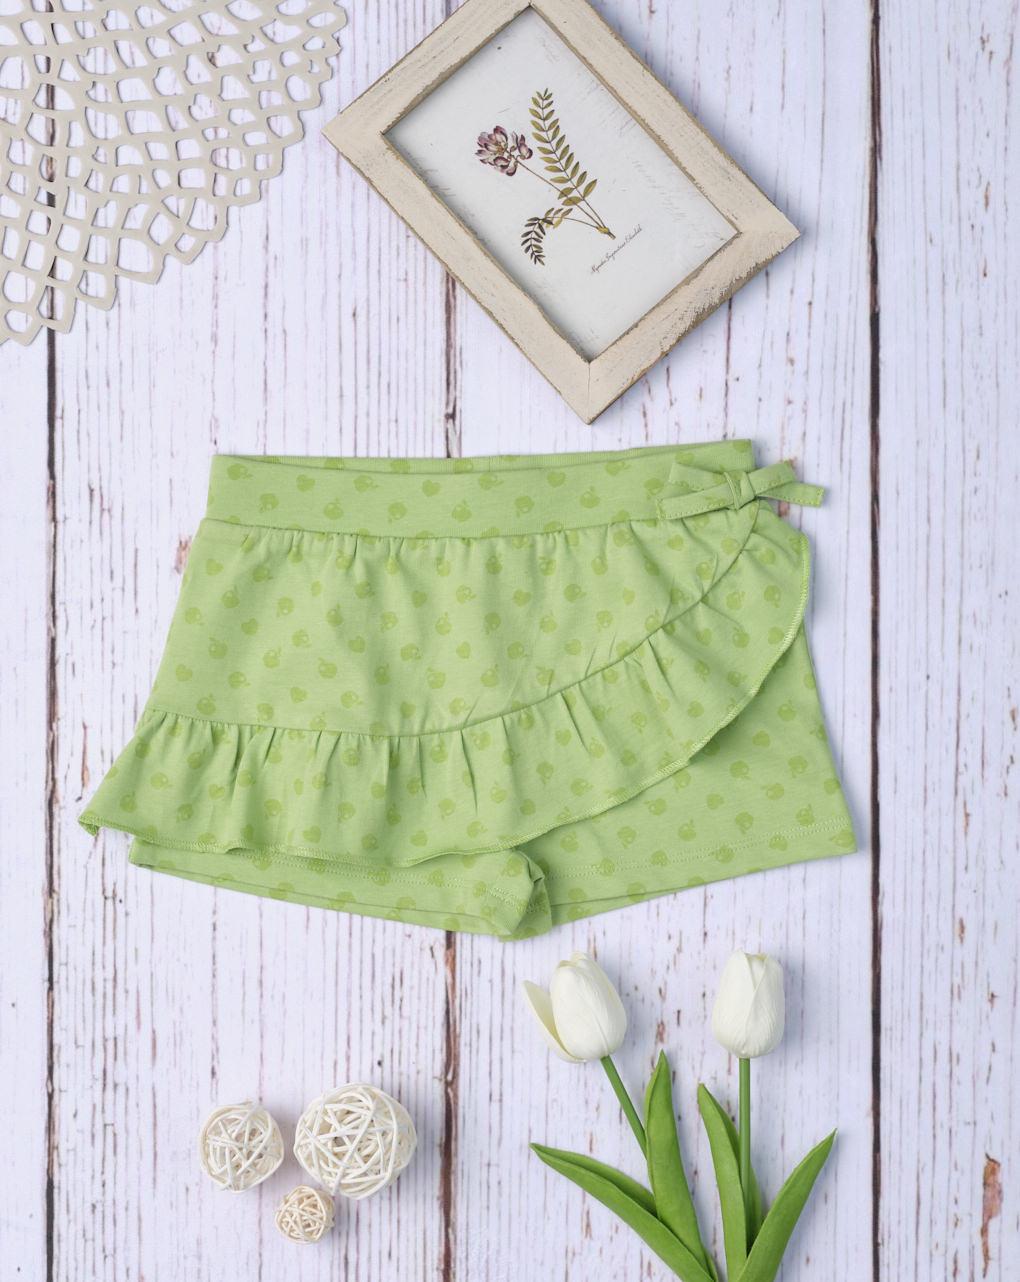 Σορτσάκι-Φούστα Jersey Ανοιχτό Πράσινο για Κορίτσι